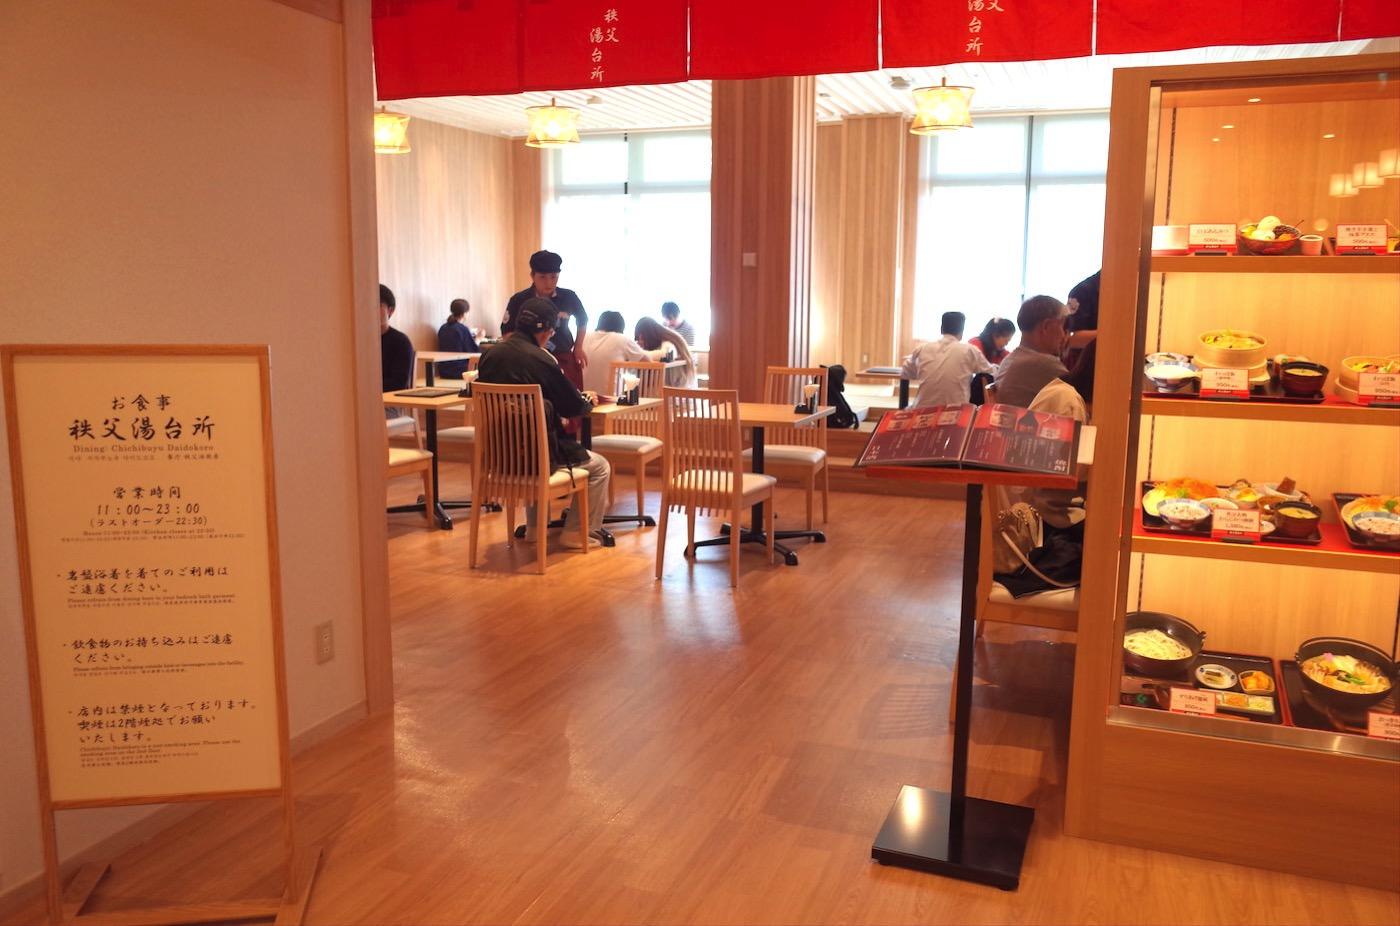 Chichibu ekimae onsen matsuri no yu 00016